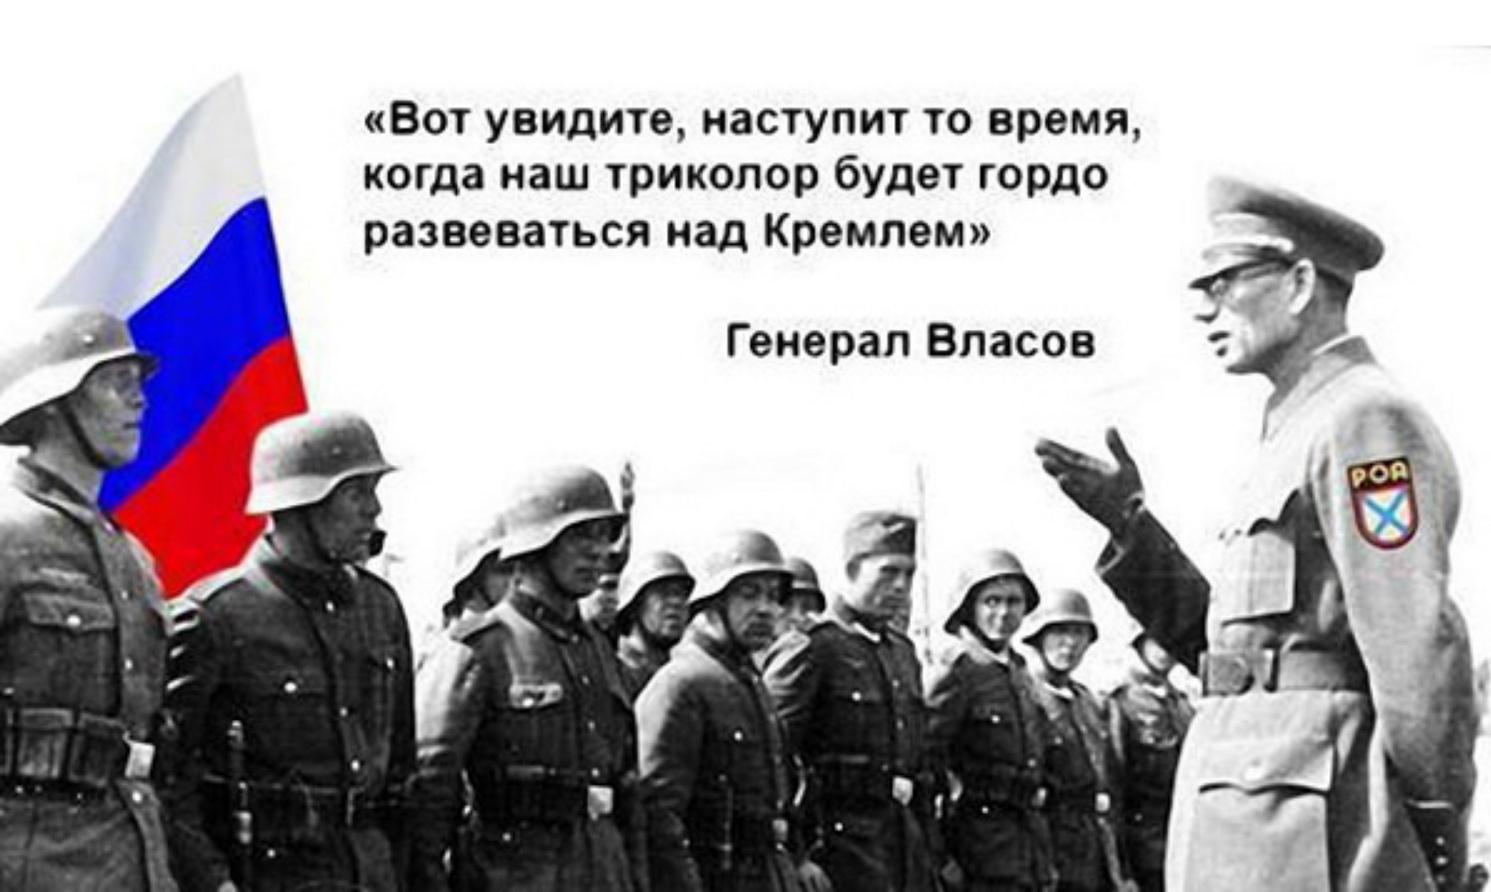 власовский флаг предательства и измены Родине - триколор